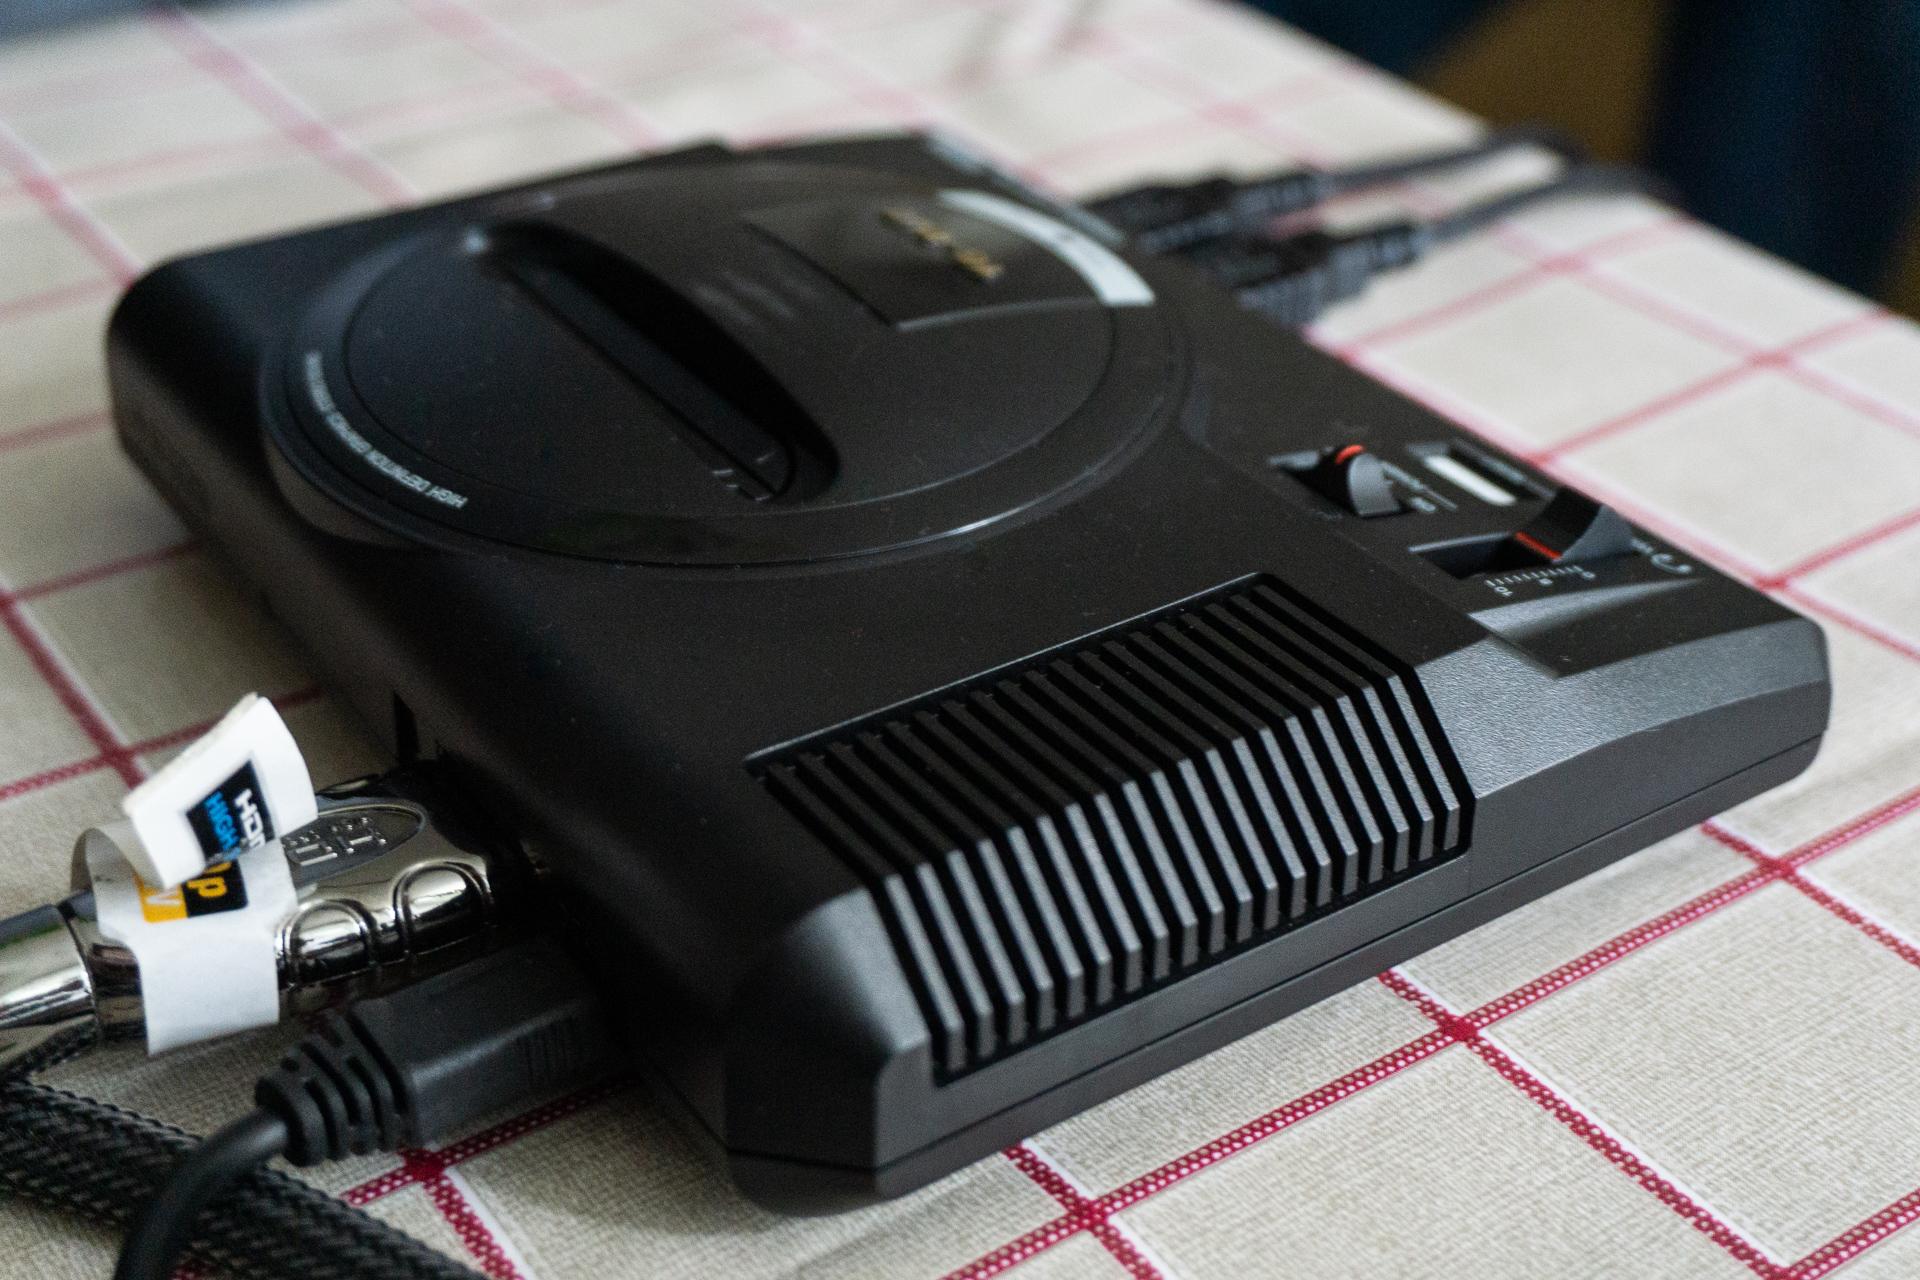 اختبار وحدة التحكم SEGA Mega Drive Mini - أكبر عيوب ومزايا النظام الأساسي الجديد في التسعينيات 6